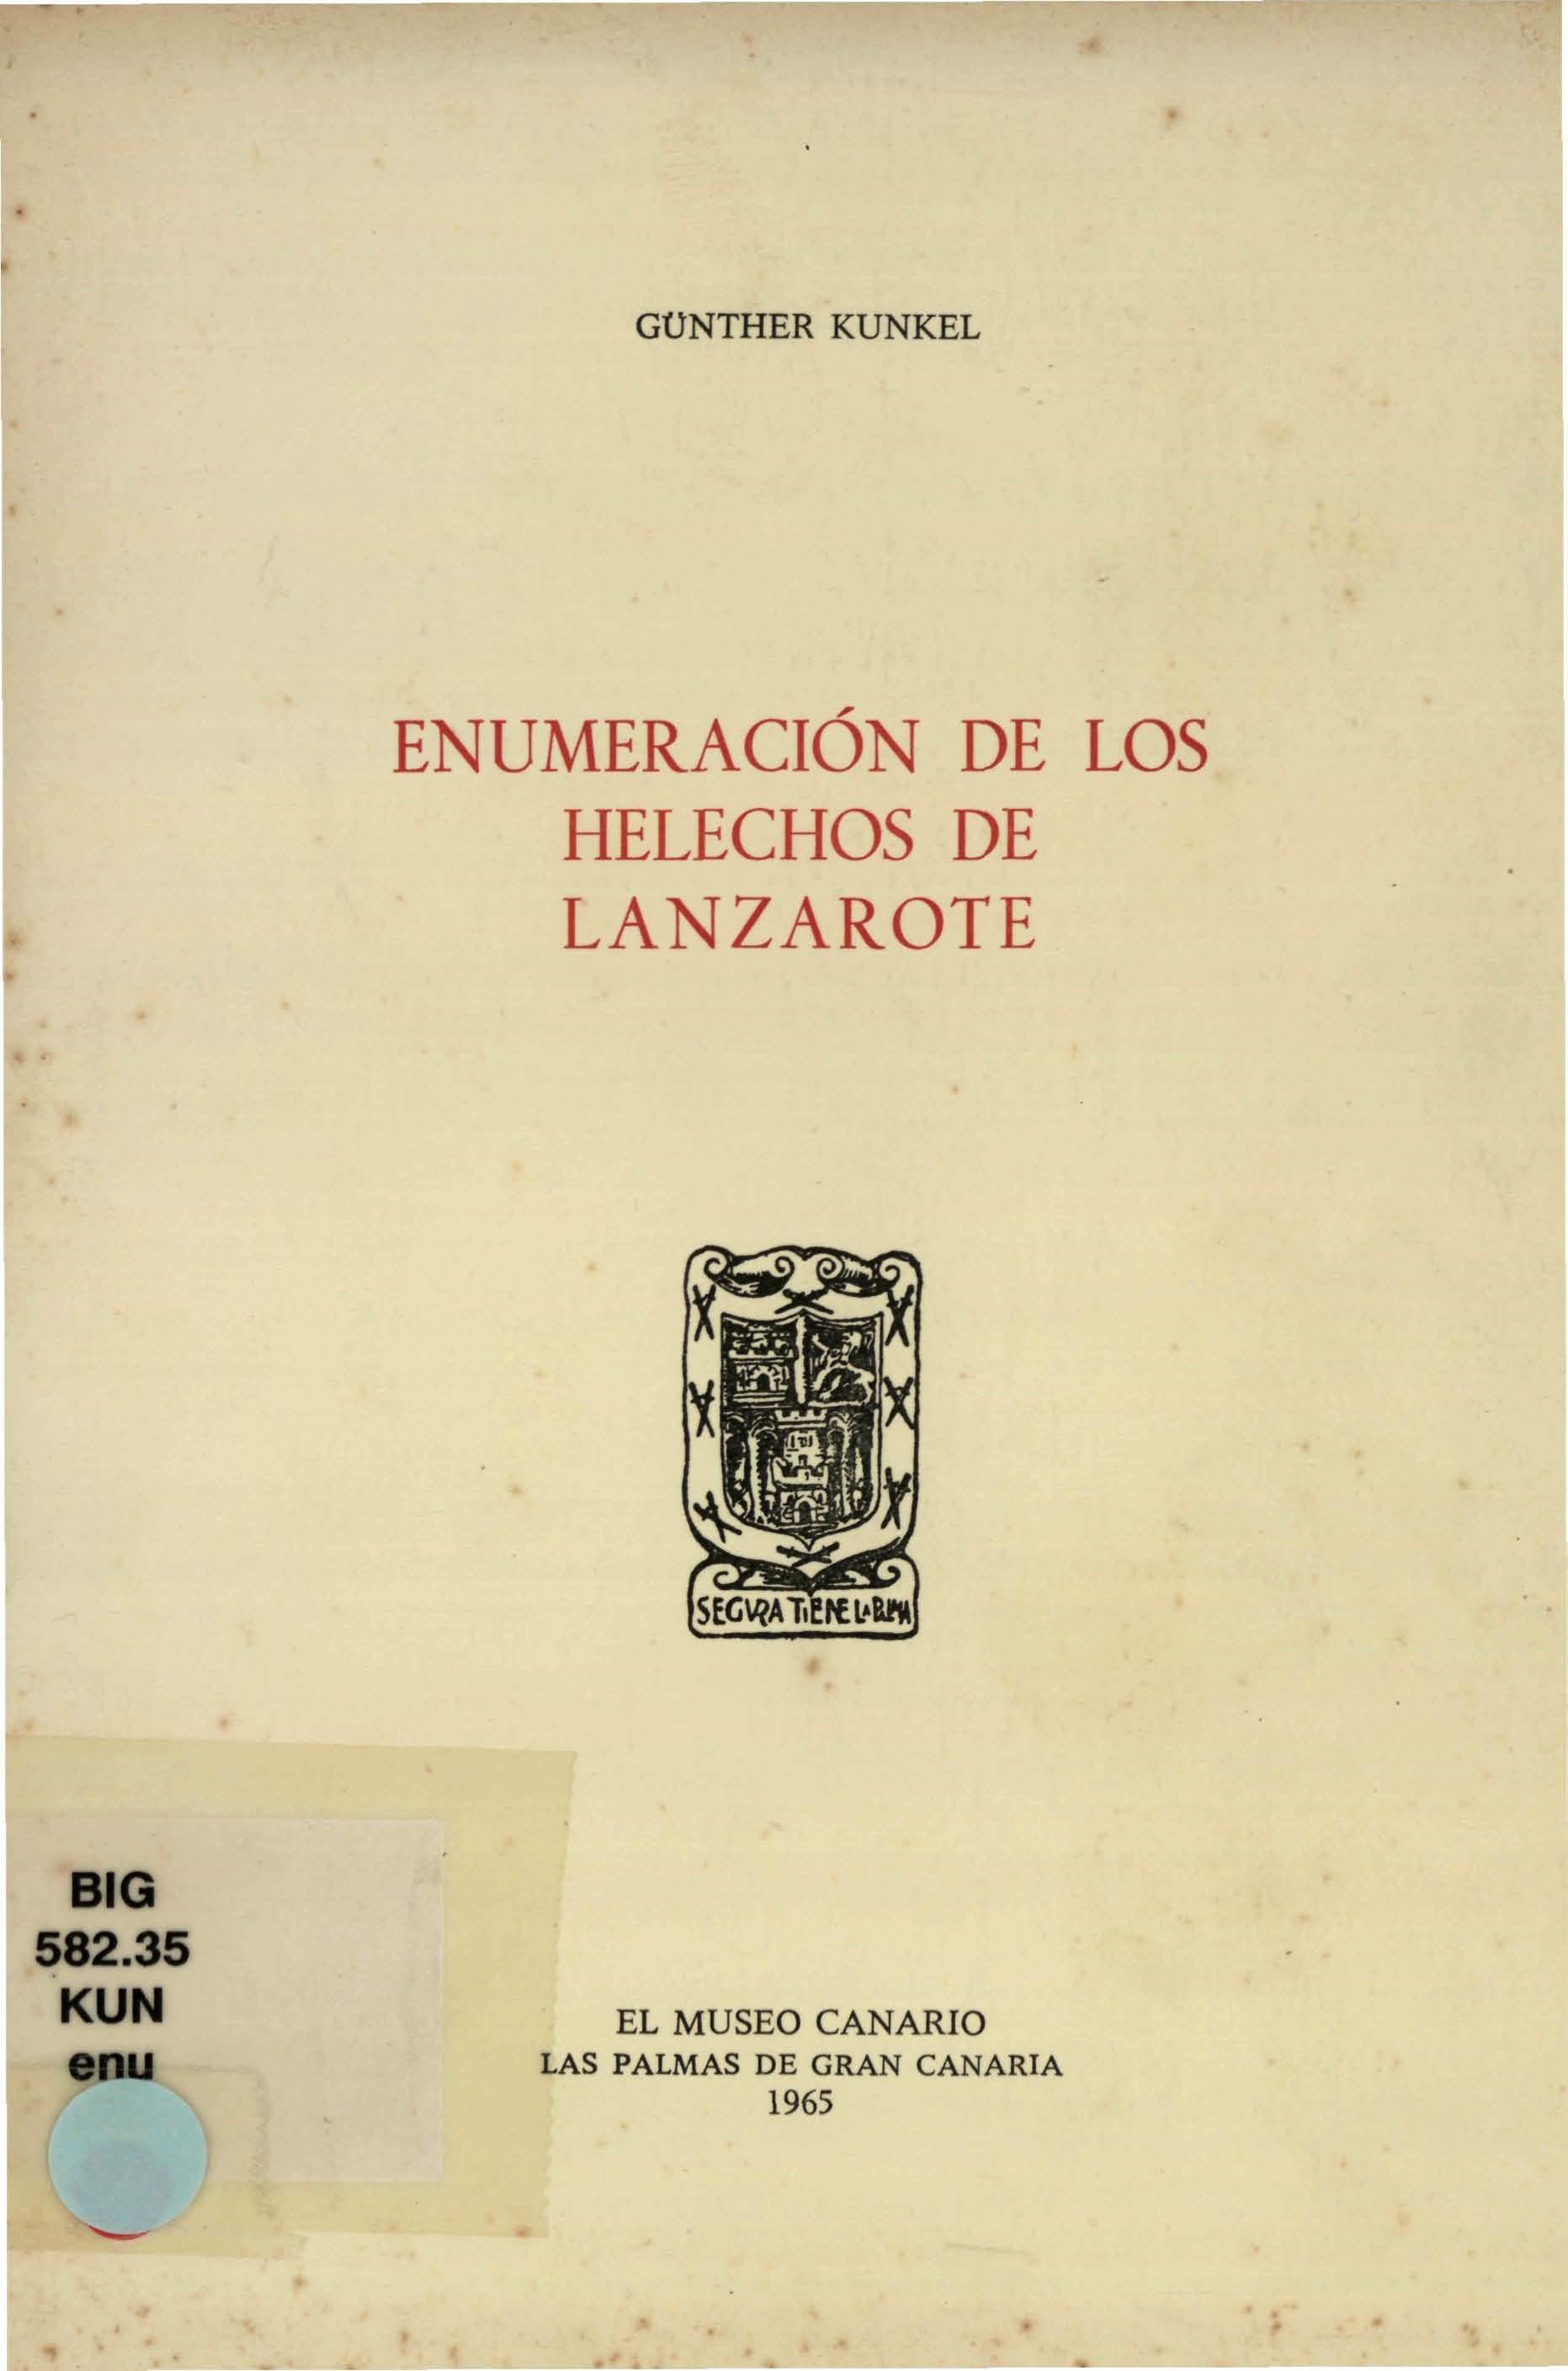 Enumeración de los helechos de Lanzarote